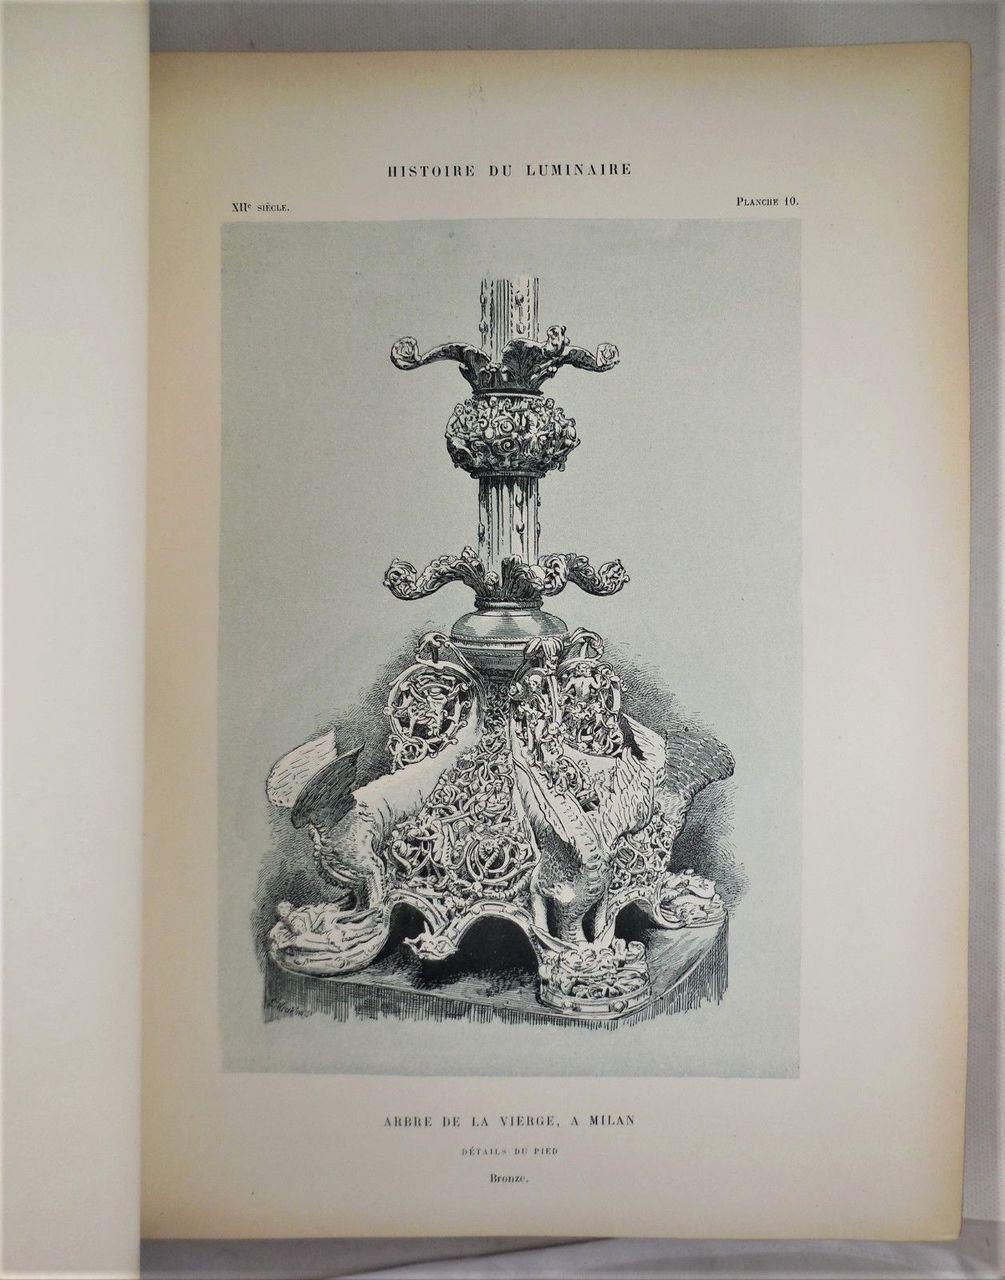 HISTOIRE DU LUMINAIRE Henry Rene D'Allemagne 1891 [1st Ed] Fine Binding Lighting